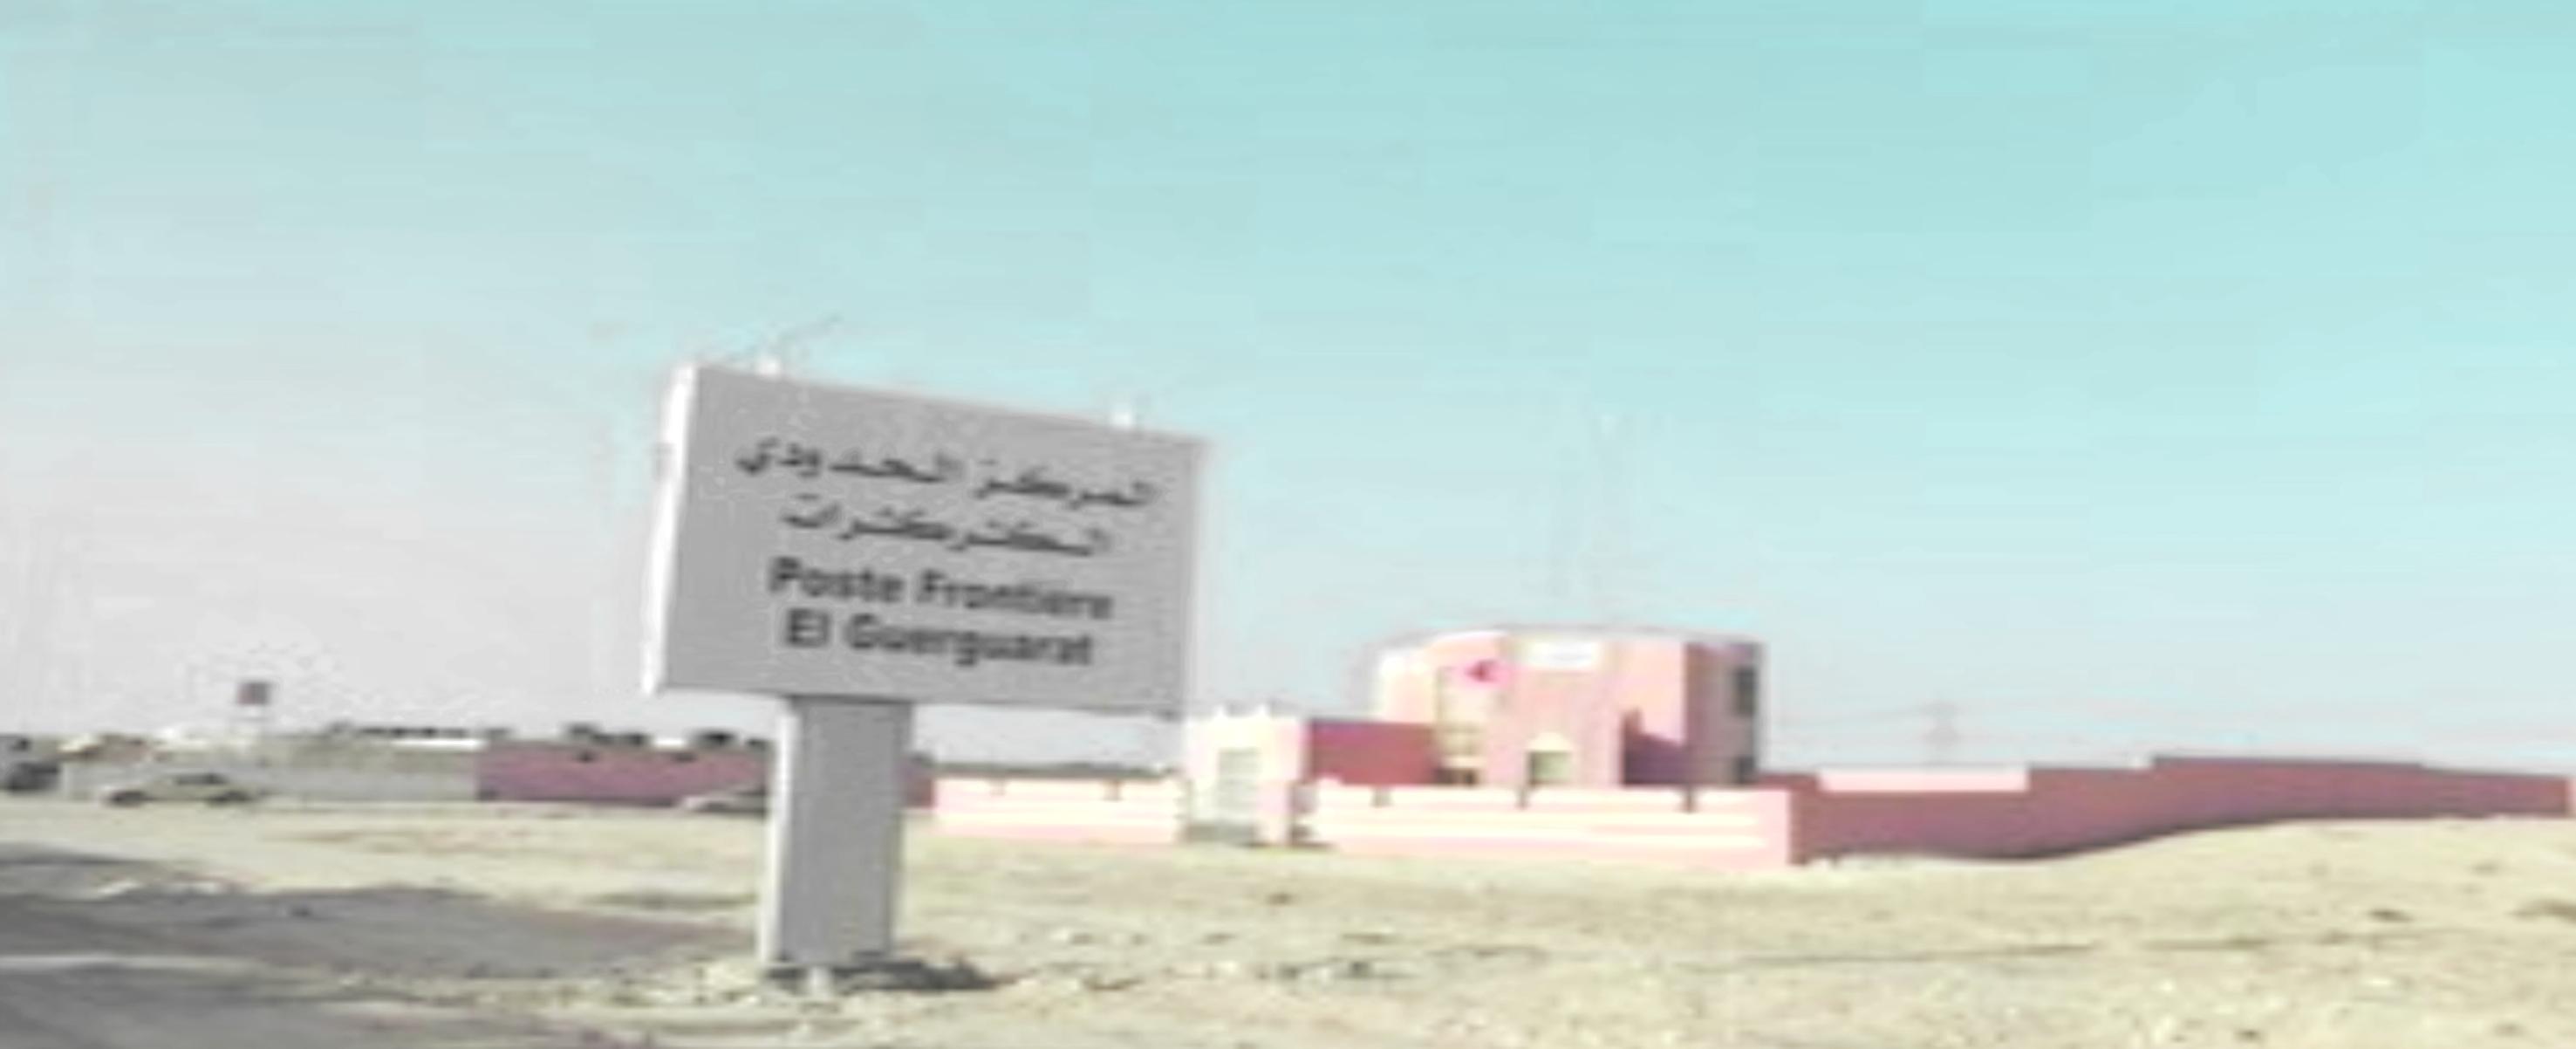 Les FAR en état d'alerte à la frontière avec la Mauritanie